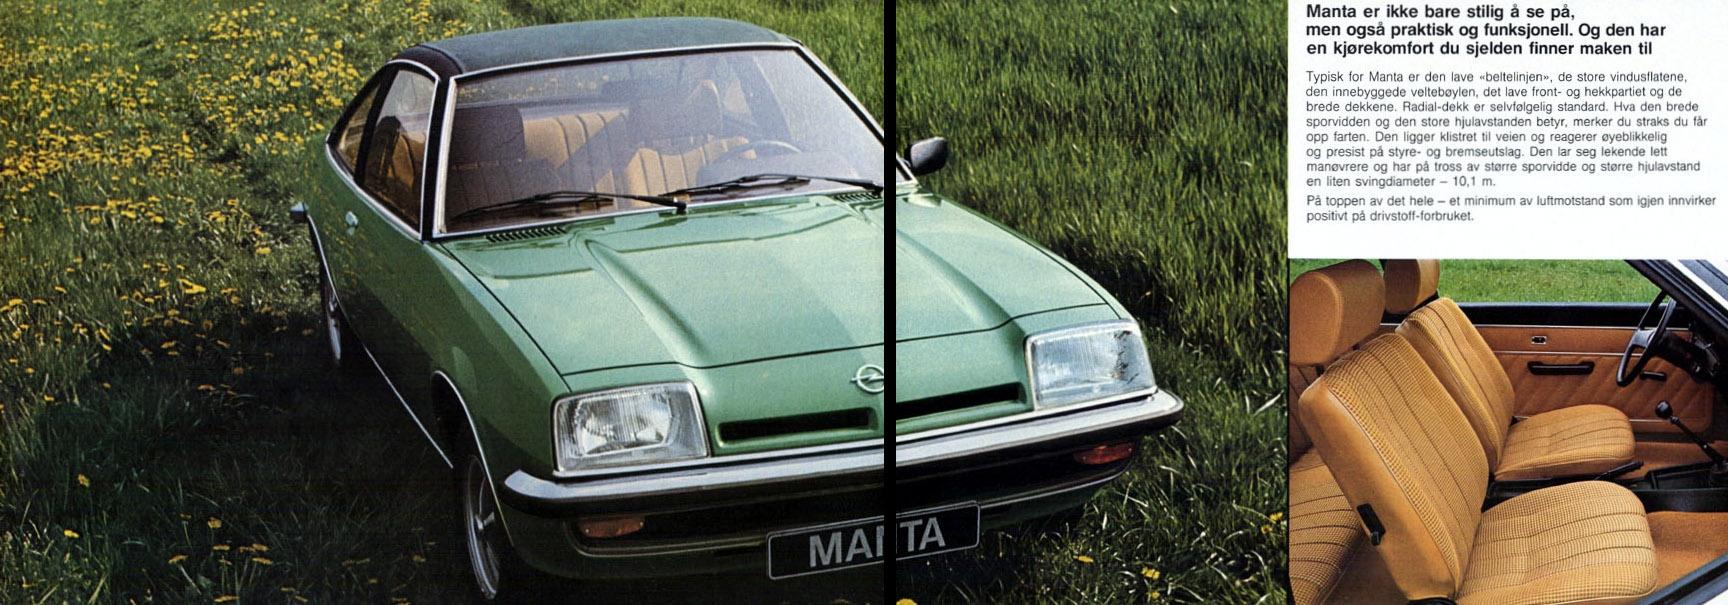 Norsk reklame for den nye andregenerasjonen av Manta, nemlig Manta B.